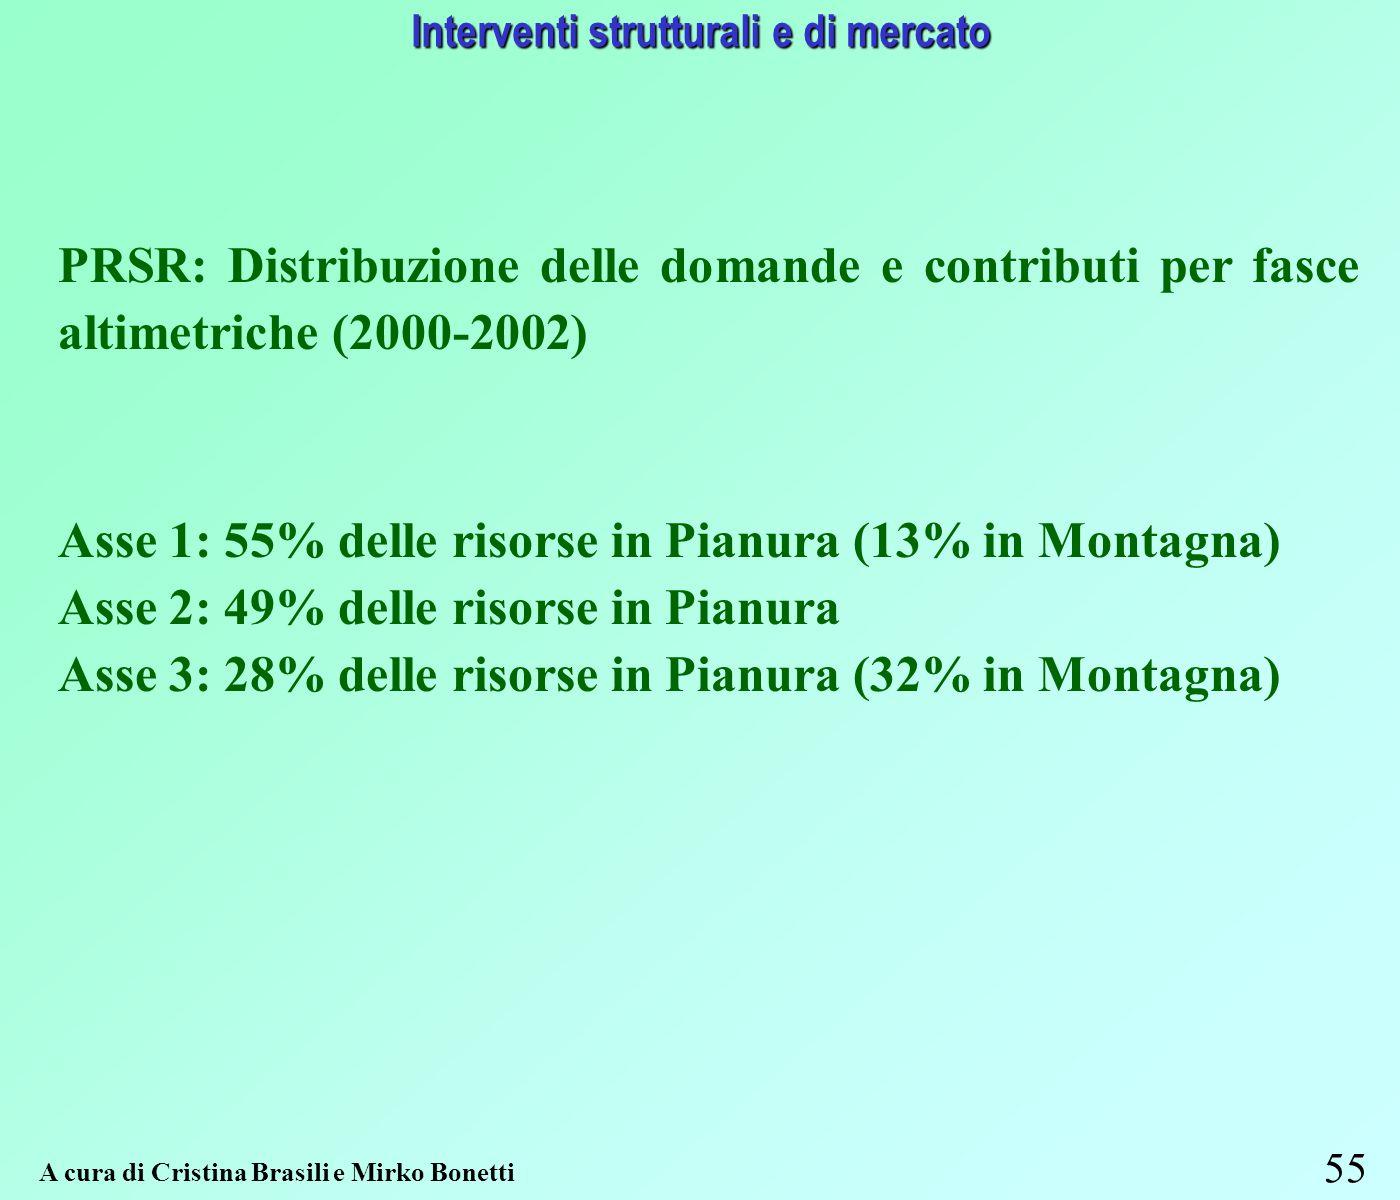 55 Interventi strutturali e di mercato A cura di Cristina Brasili e Mirko Bonetti PRSR: Distribuzione delle domande e contributi per fasce altimetriche (2000-2002) Asse 1: 55% delle risorse in Pianura (13% in Montagna) Asse 2: 49% delle risorse in Pianura Asse 3: 28% delle risorse in Pianura (32% in Montagna)